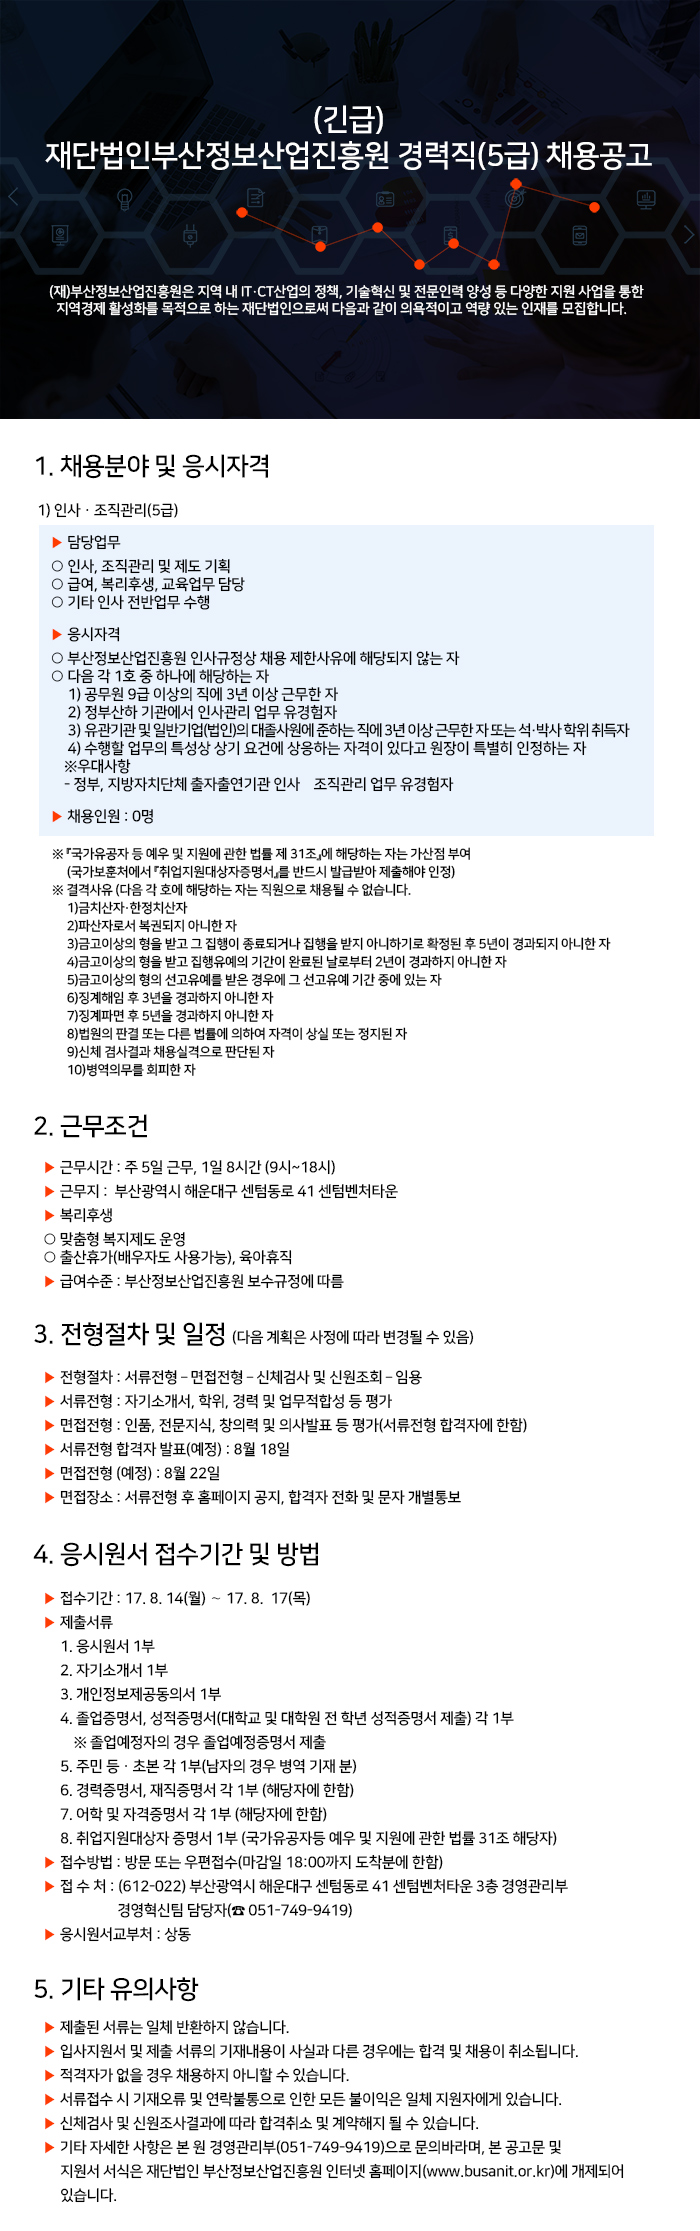 재단법인부산정보산업진흥원 경력직(5급) 채용공고(긴급)